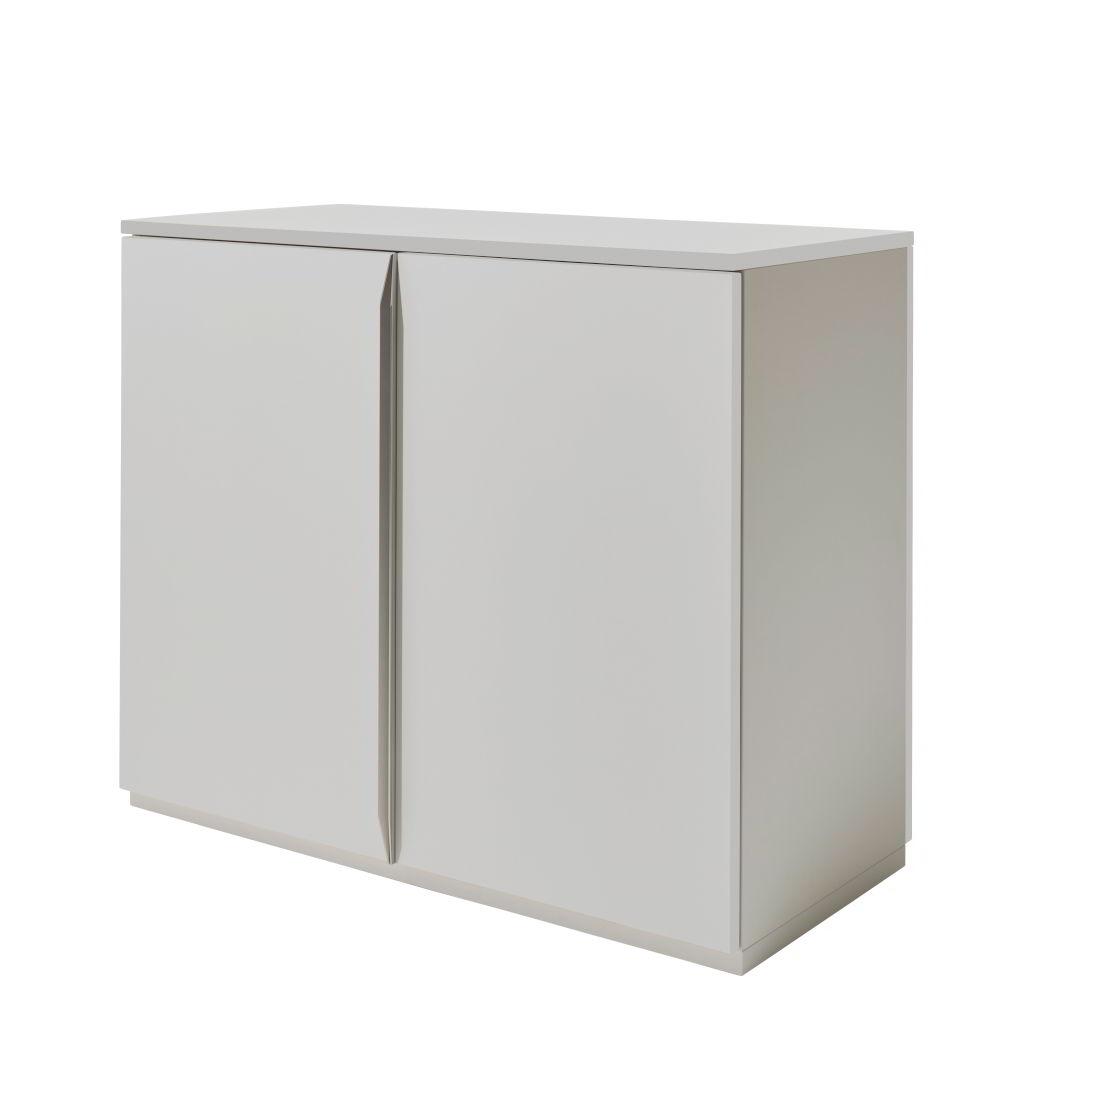 modular16 kommode mit t ren von m ller m belwerkst tten. Black Bedroom Furniture Sets. Home Design Ideas